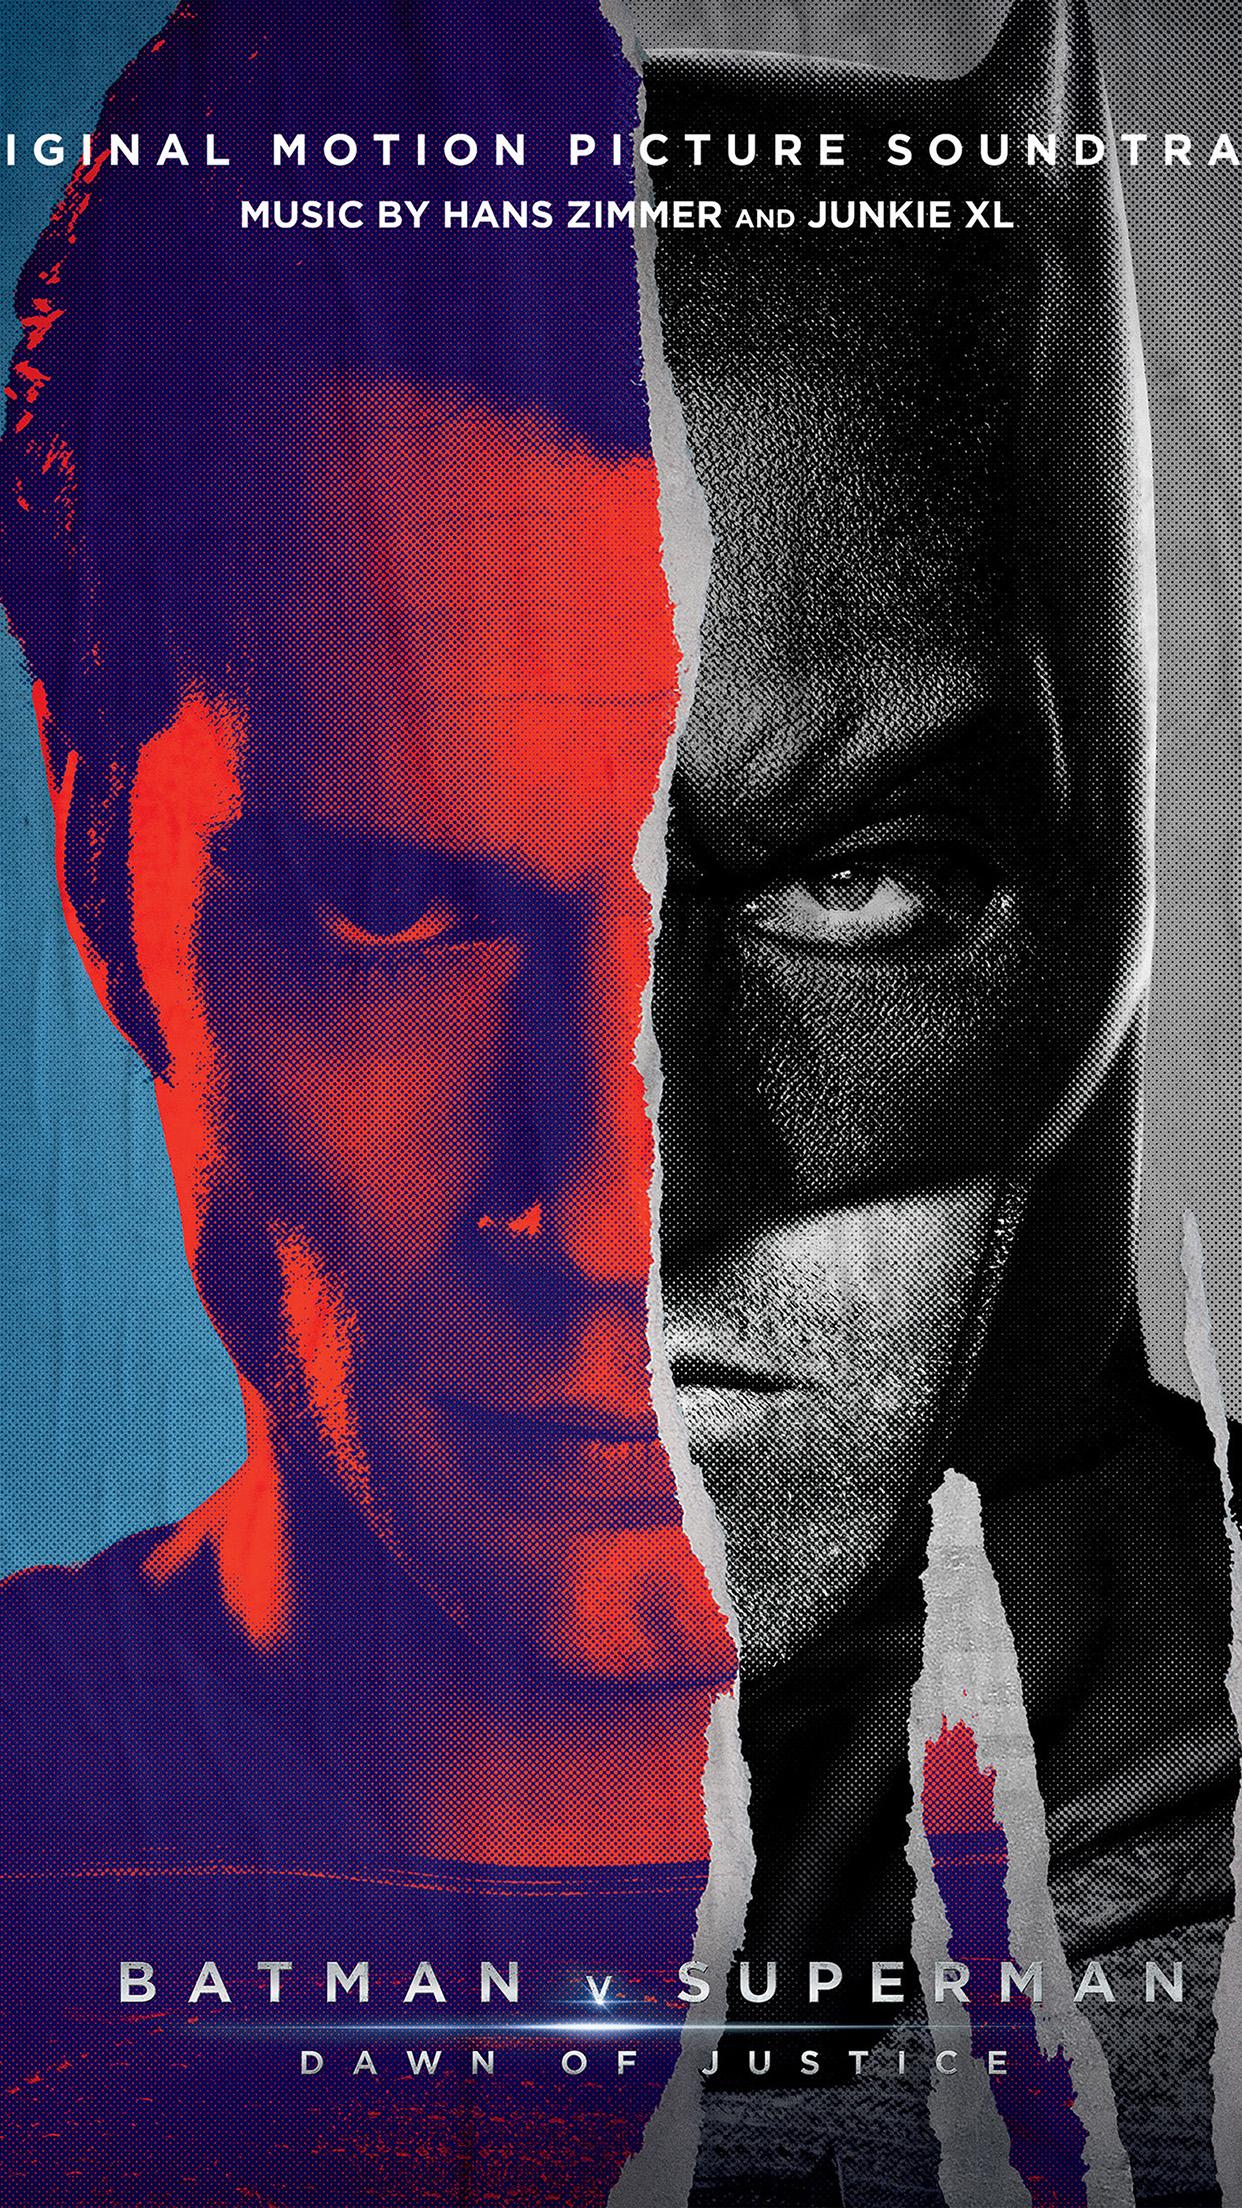 Batman Vs Superman Poster Art Film Comics Android Wallpaper